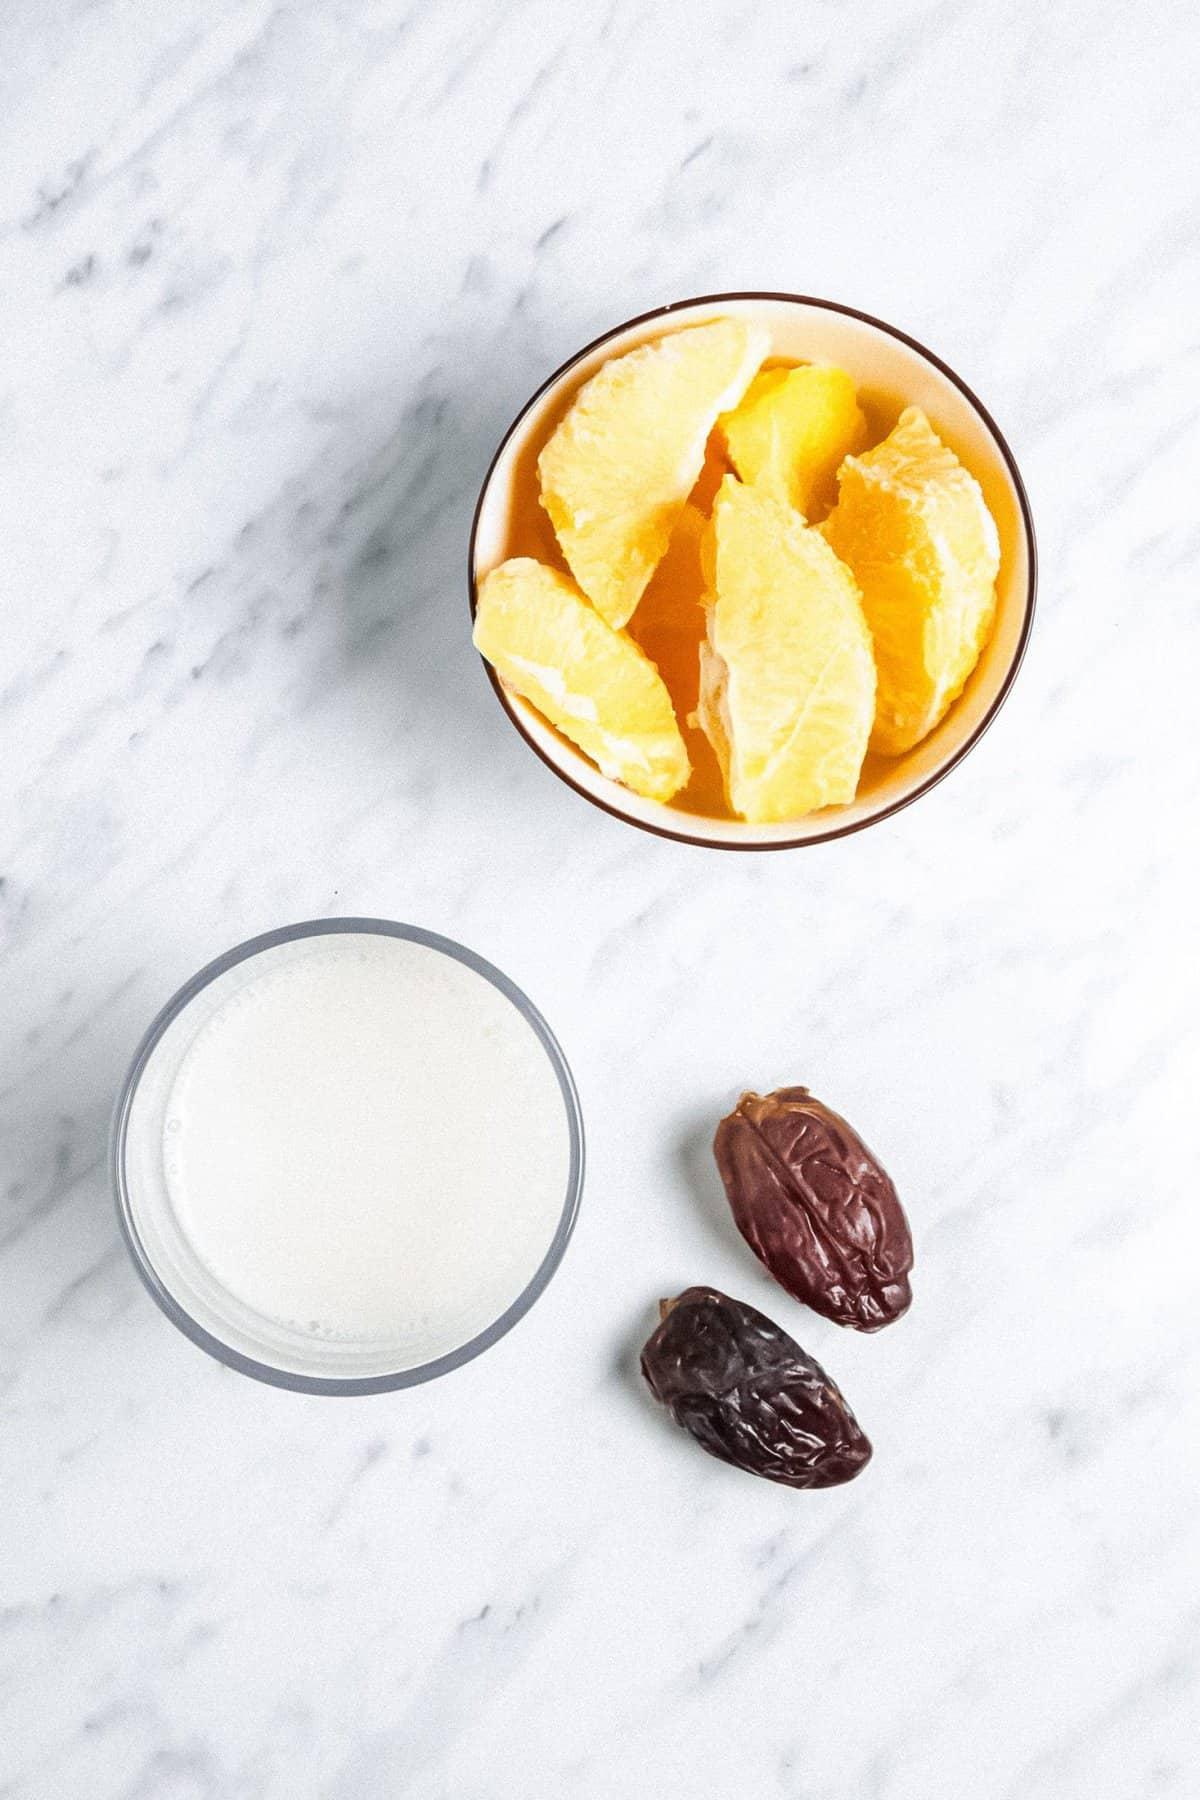 Creamsicle Smoothie Ingredients